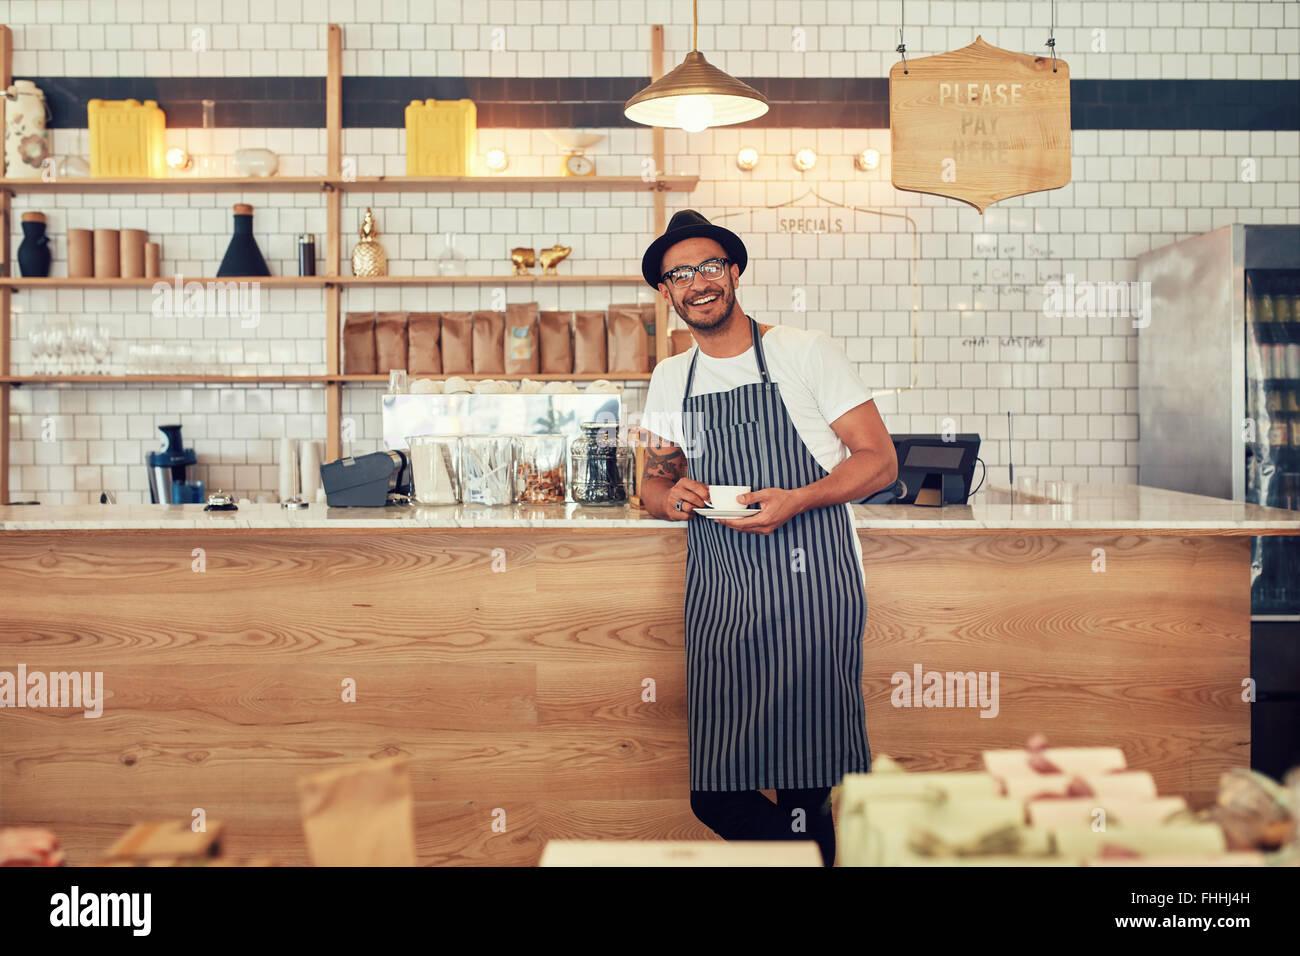 Porträt von glücklicher junger Mann trägt eine Schürze und Mütze stehend an einem Café Schalter hält eine Tasse Stockfoto